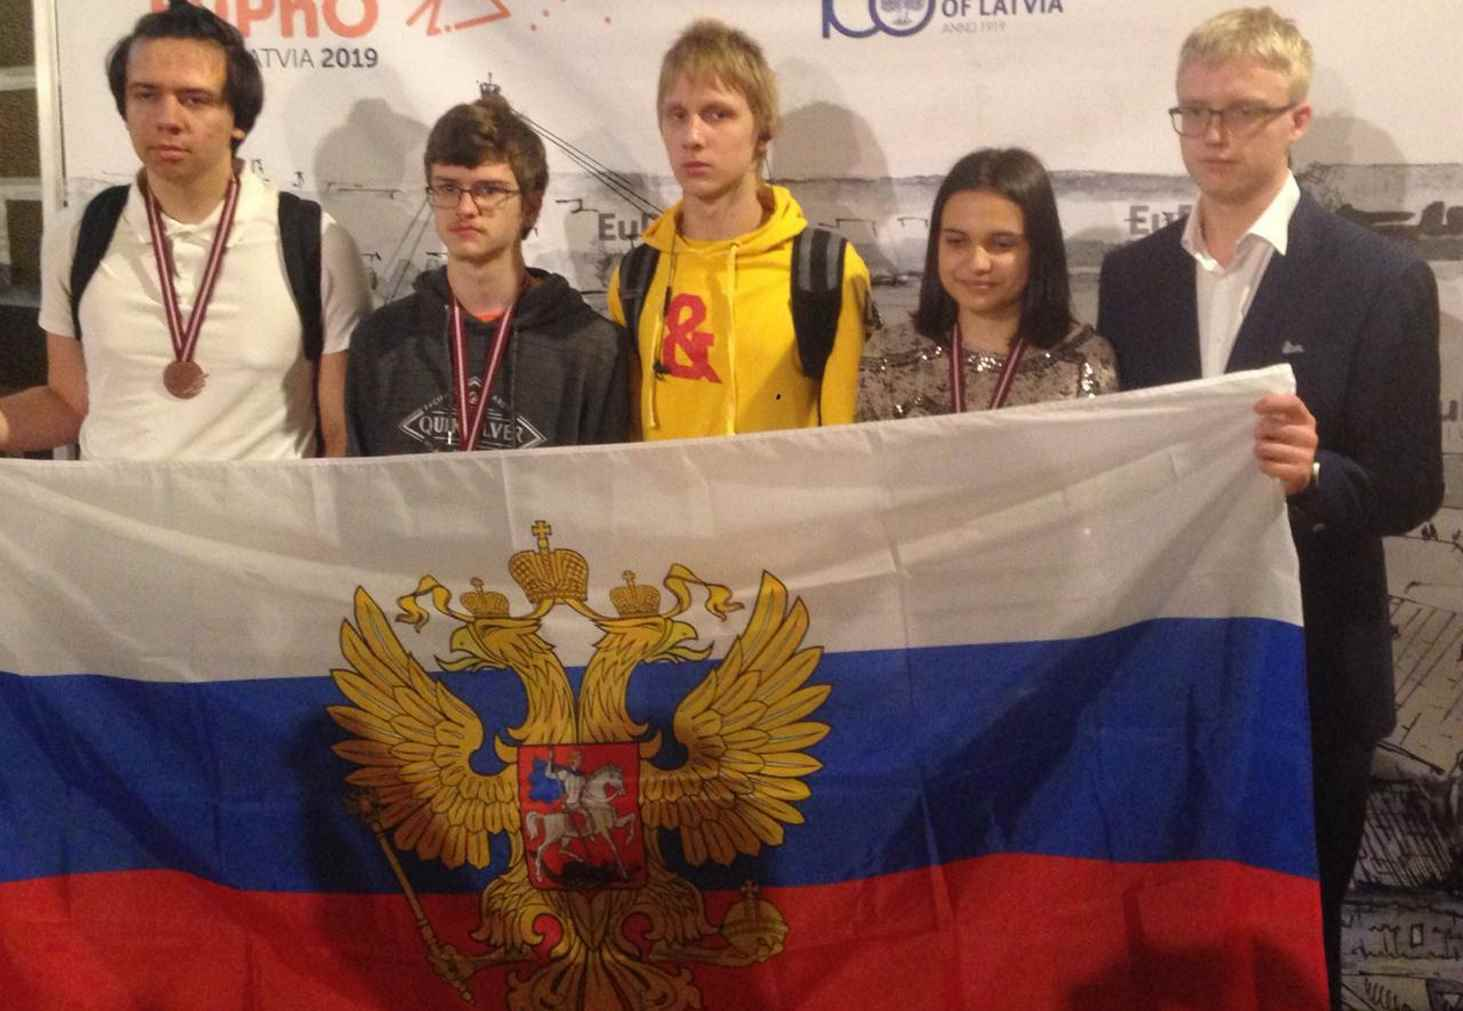 rossijskie-shkolniki-zavoevali-4-medali-na-evropejskoj-olimpiade-po-fizike